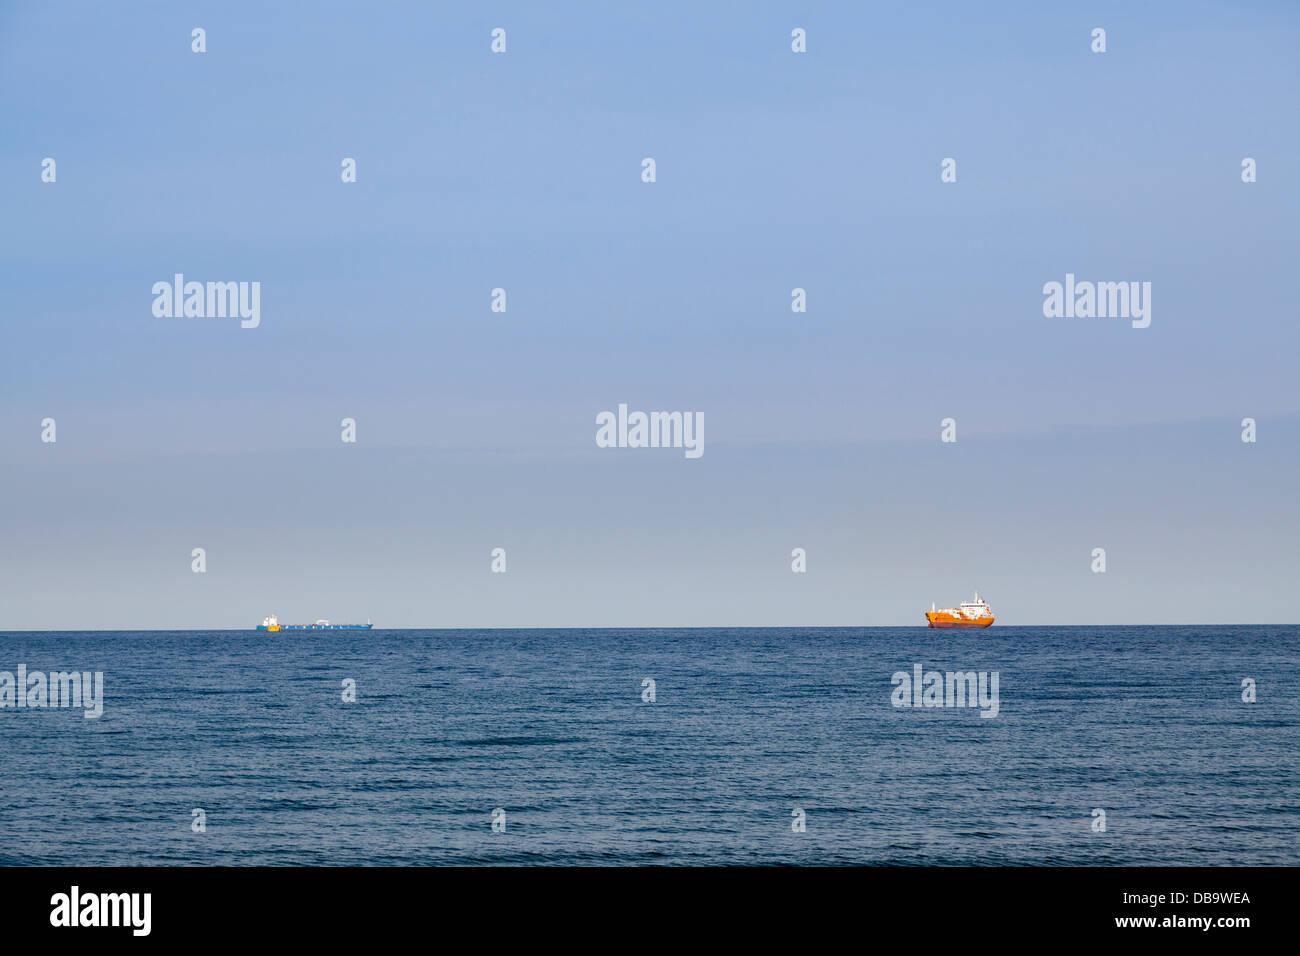 Les porte-conteneurs à l'horizon en mer. Photo Stock